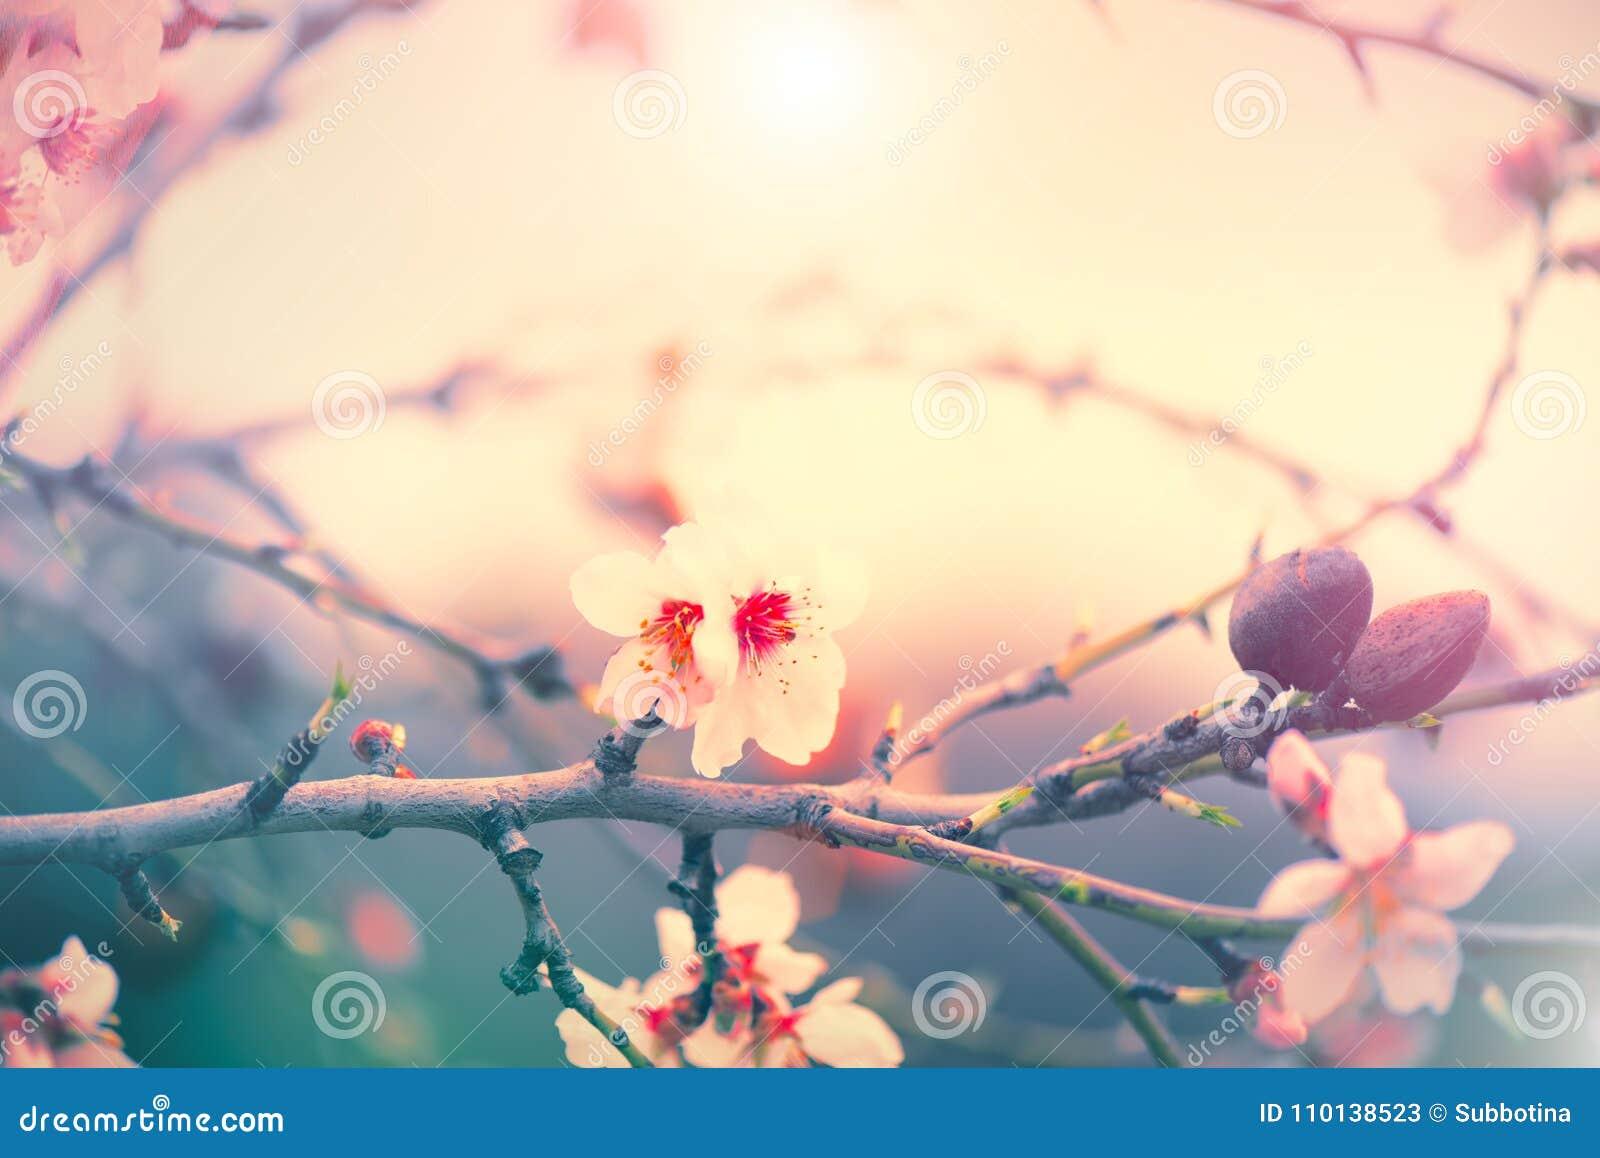 Предпосылка природы весны с зацветая миндальным деревом Сцена праздника пасхи